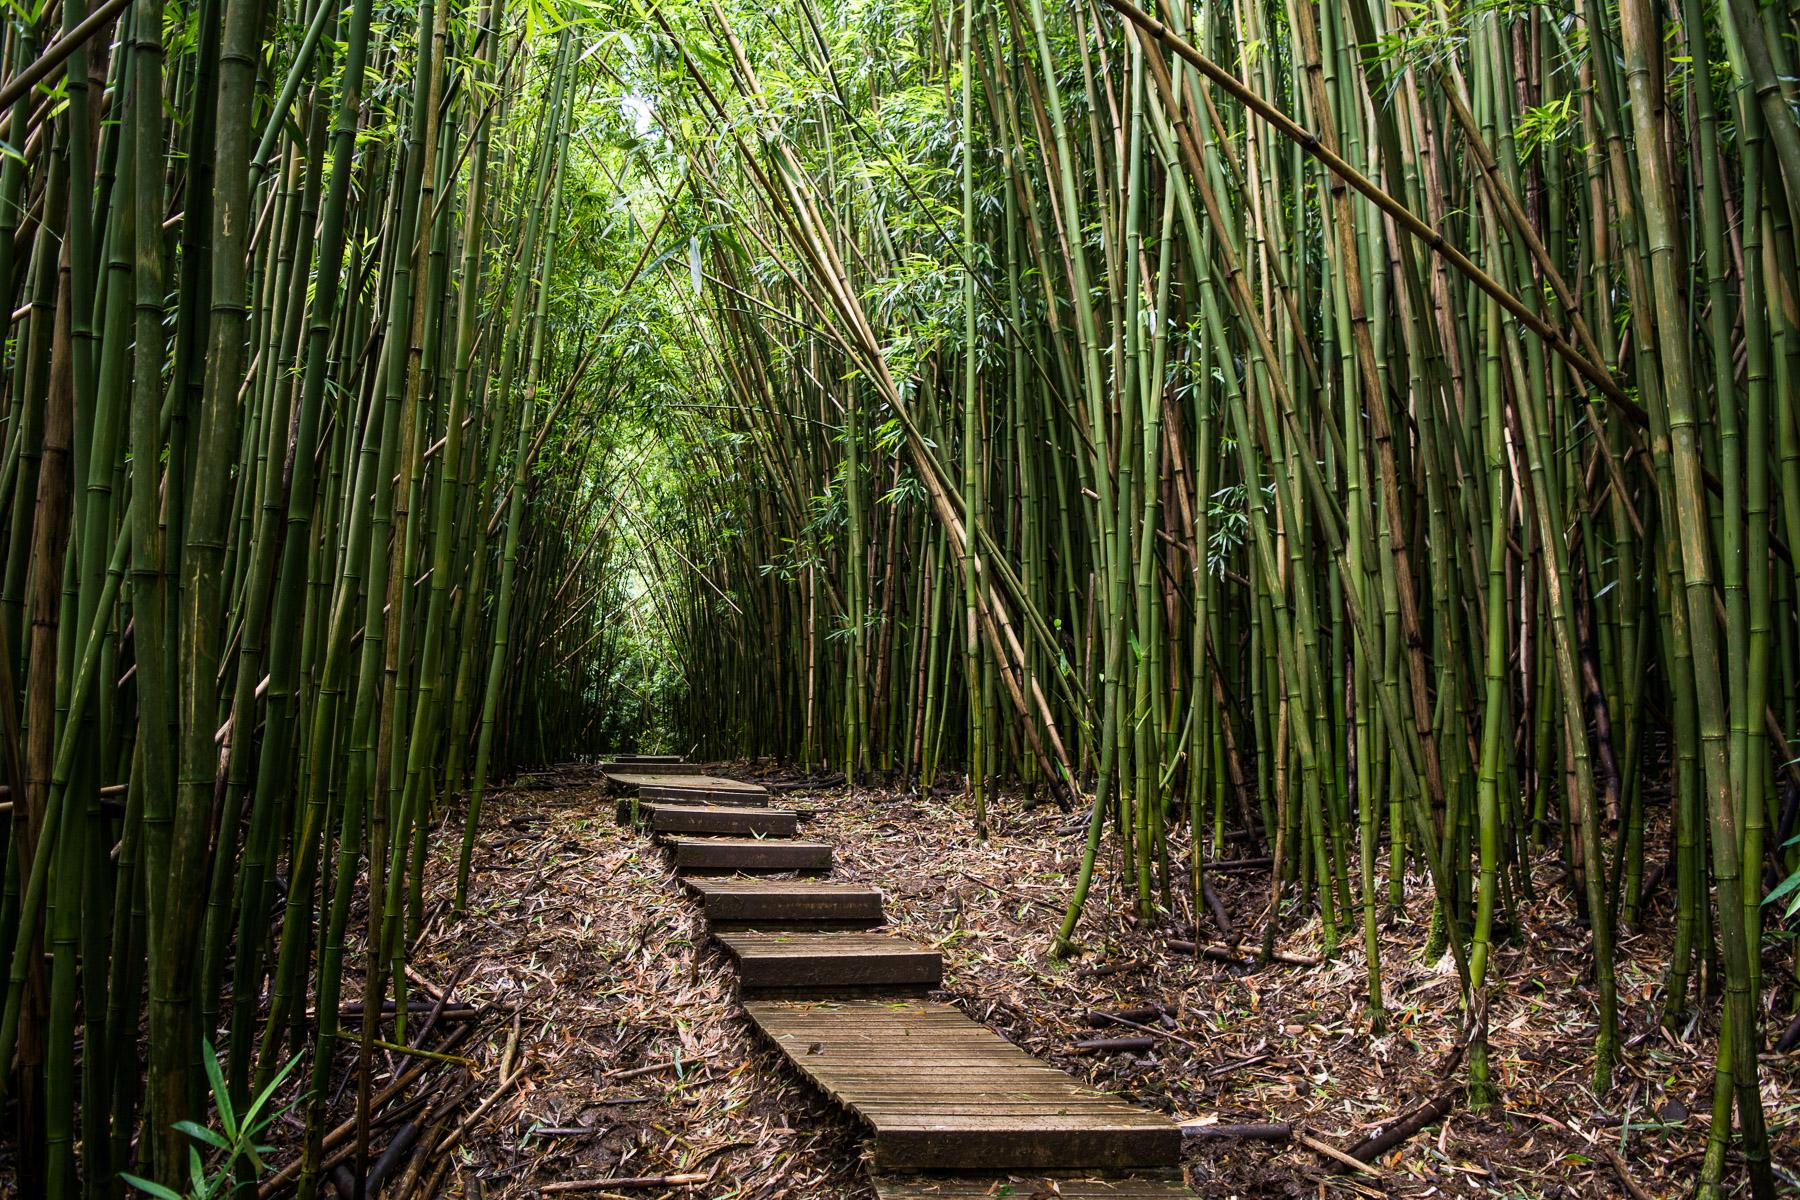 Focení na Havaji (díl 5): bambusový les na Pipiwai Trail, ostrov Maui